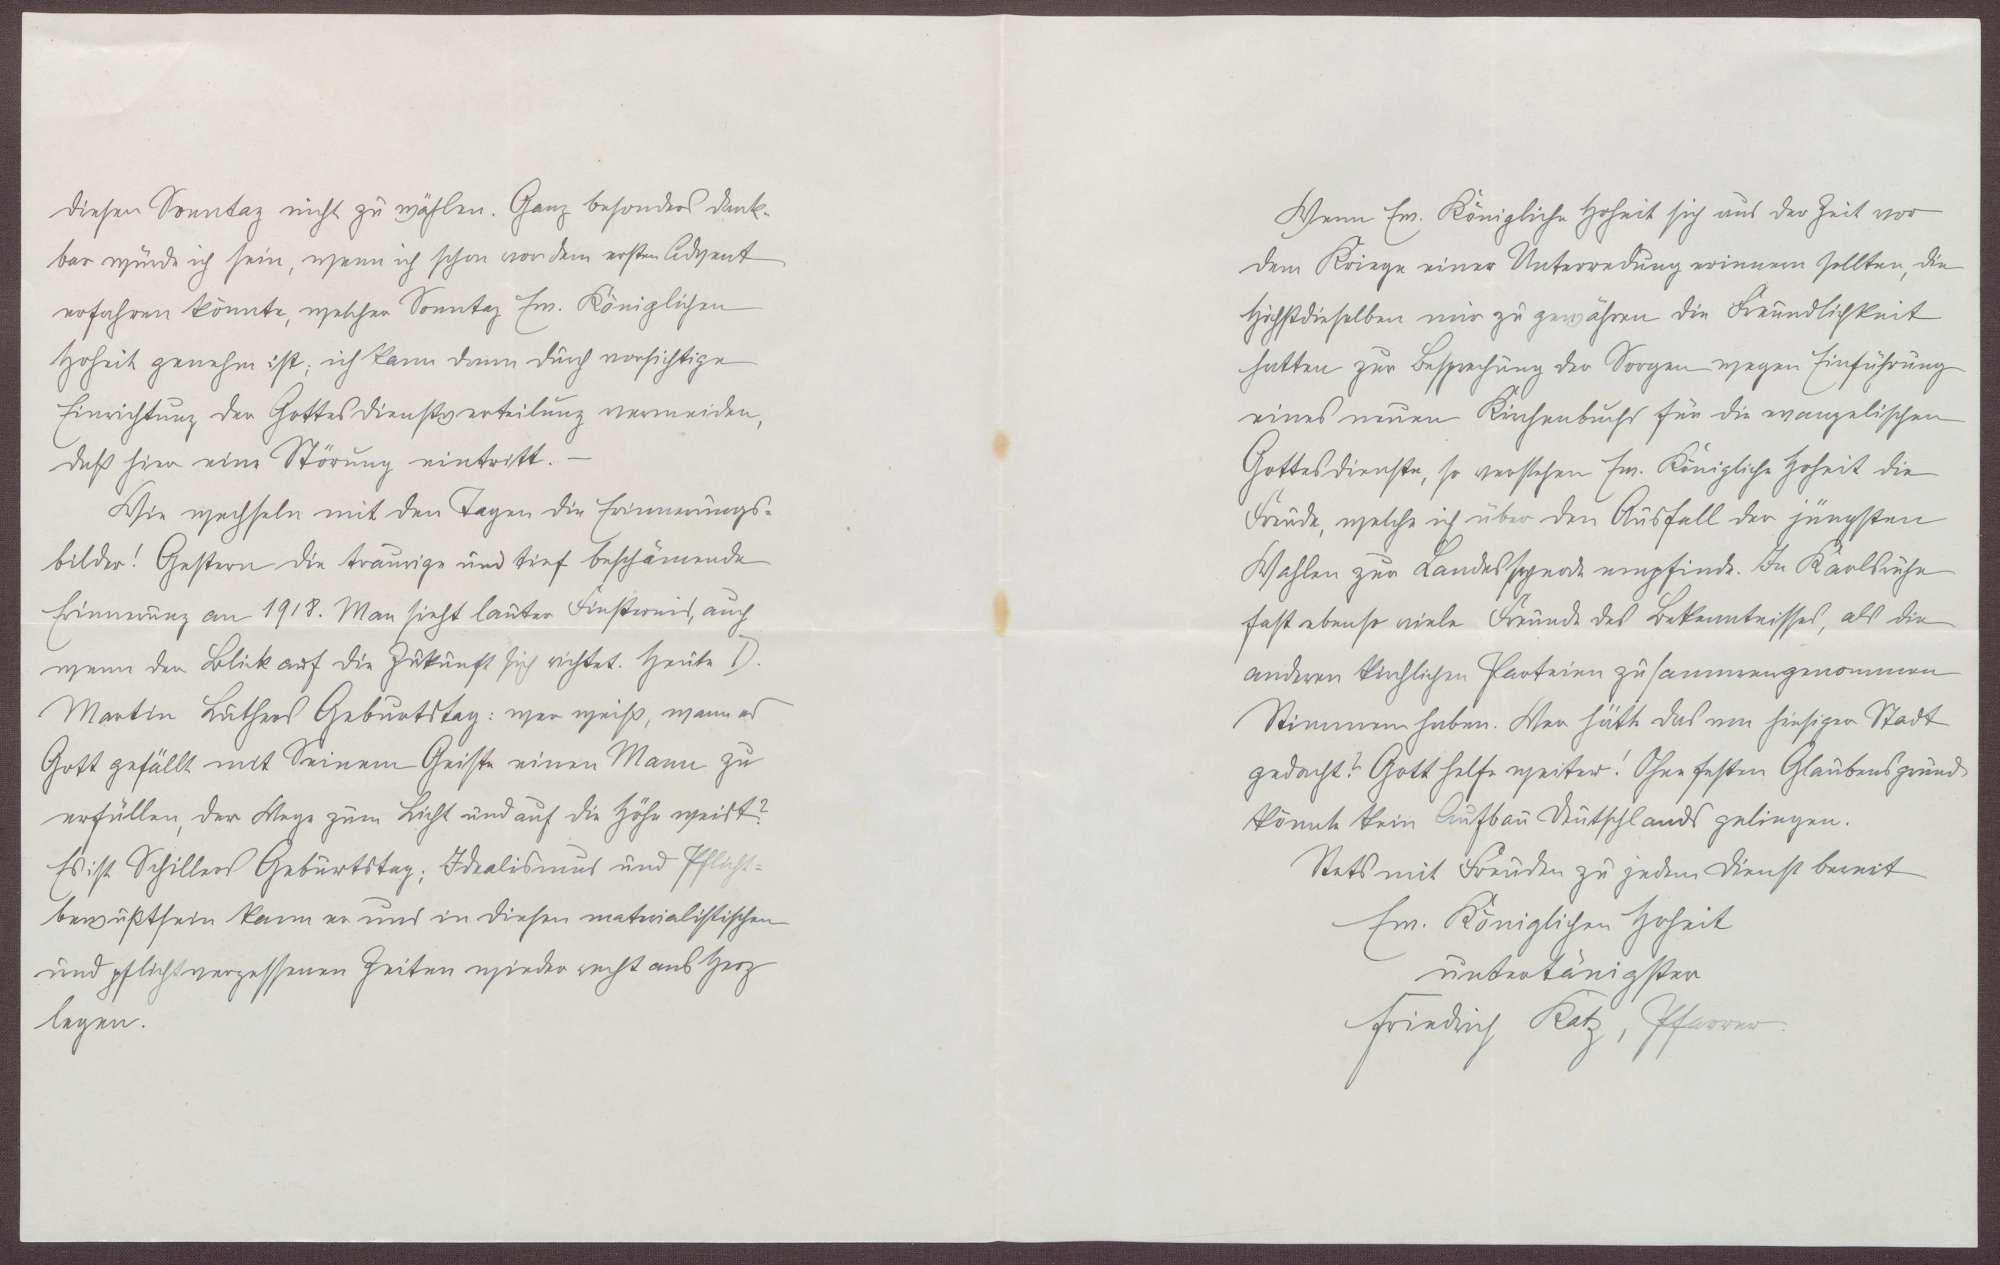 Schreiben von Friedrich Katz an die Großherzogin Luise; Besuch von Katz bei der Großherzogin; Erinnerungen an 1918; Geburtstag von Martin Luther und Friedrich Schiller, Bild 2